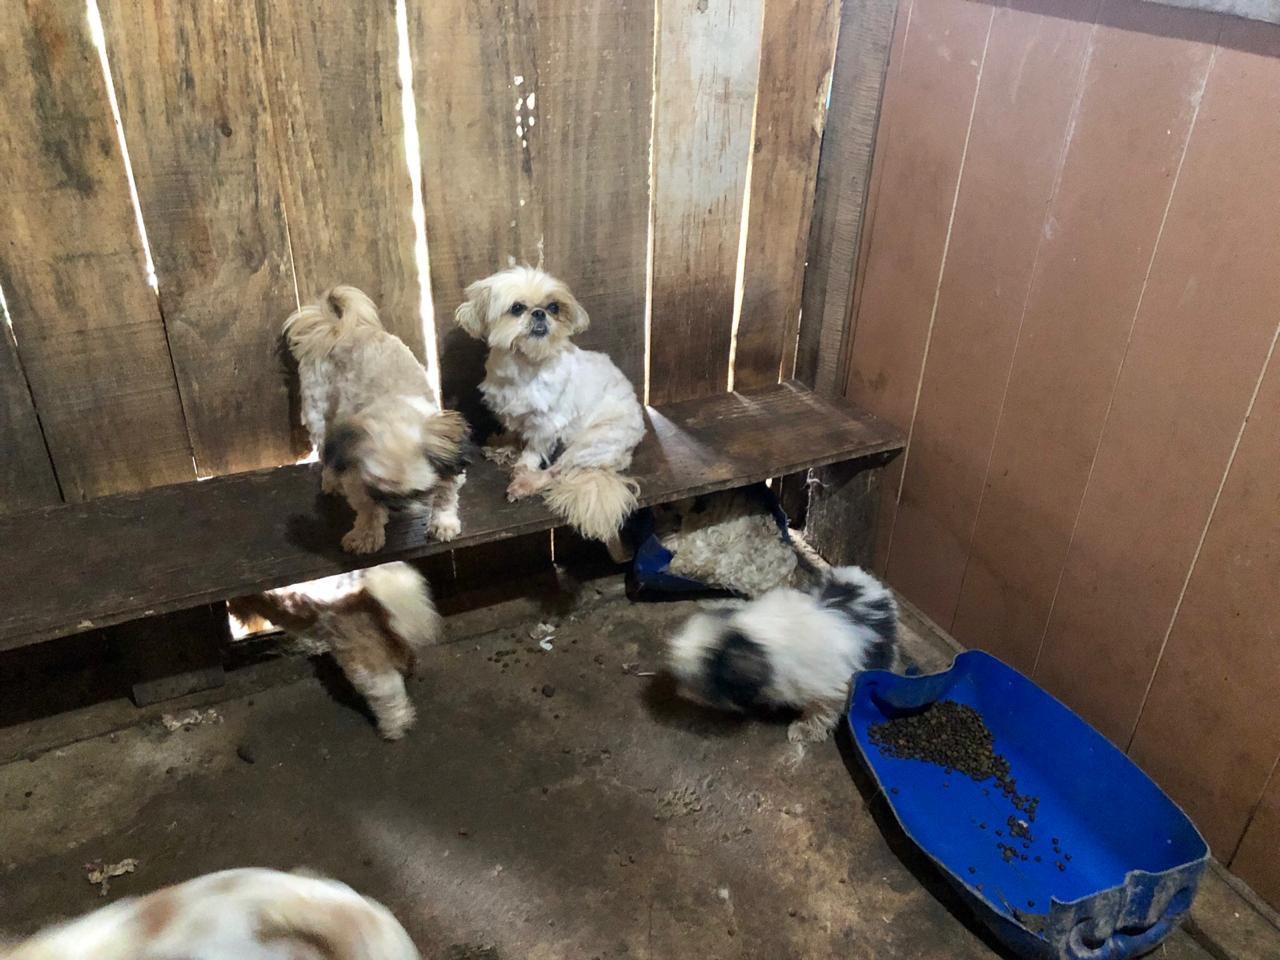 Polícia resgata mais de 40 cachorros com sinais de maus-tratos no PR